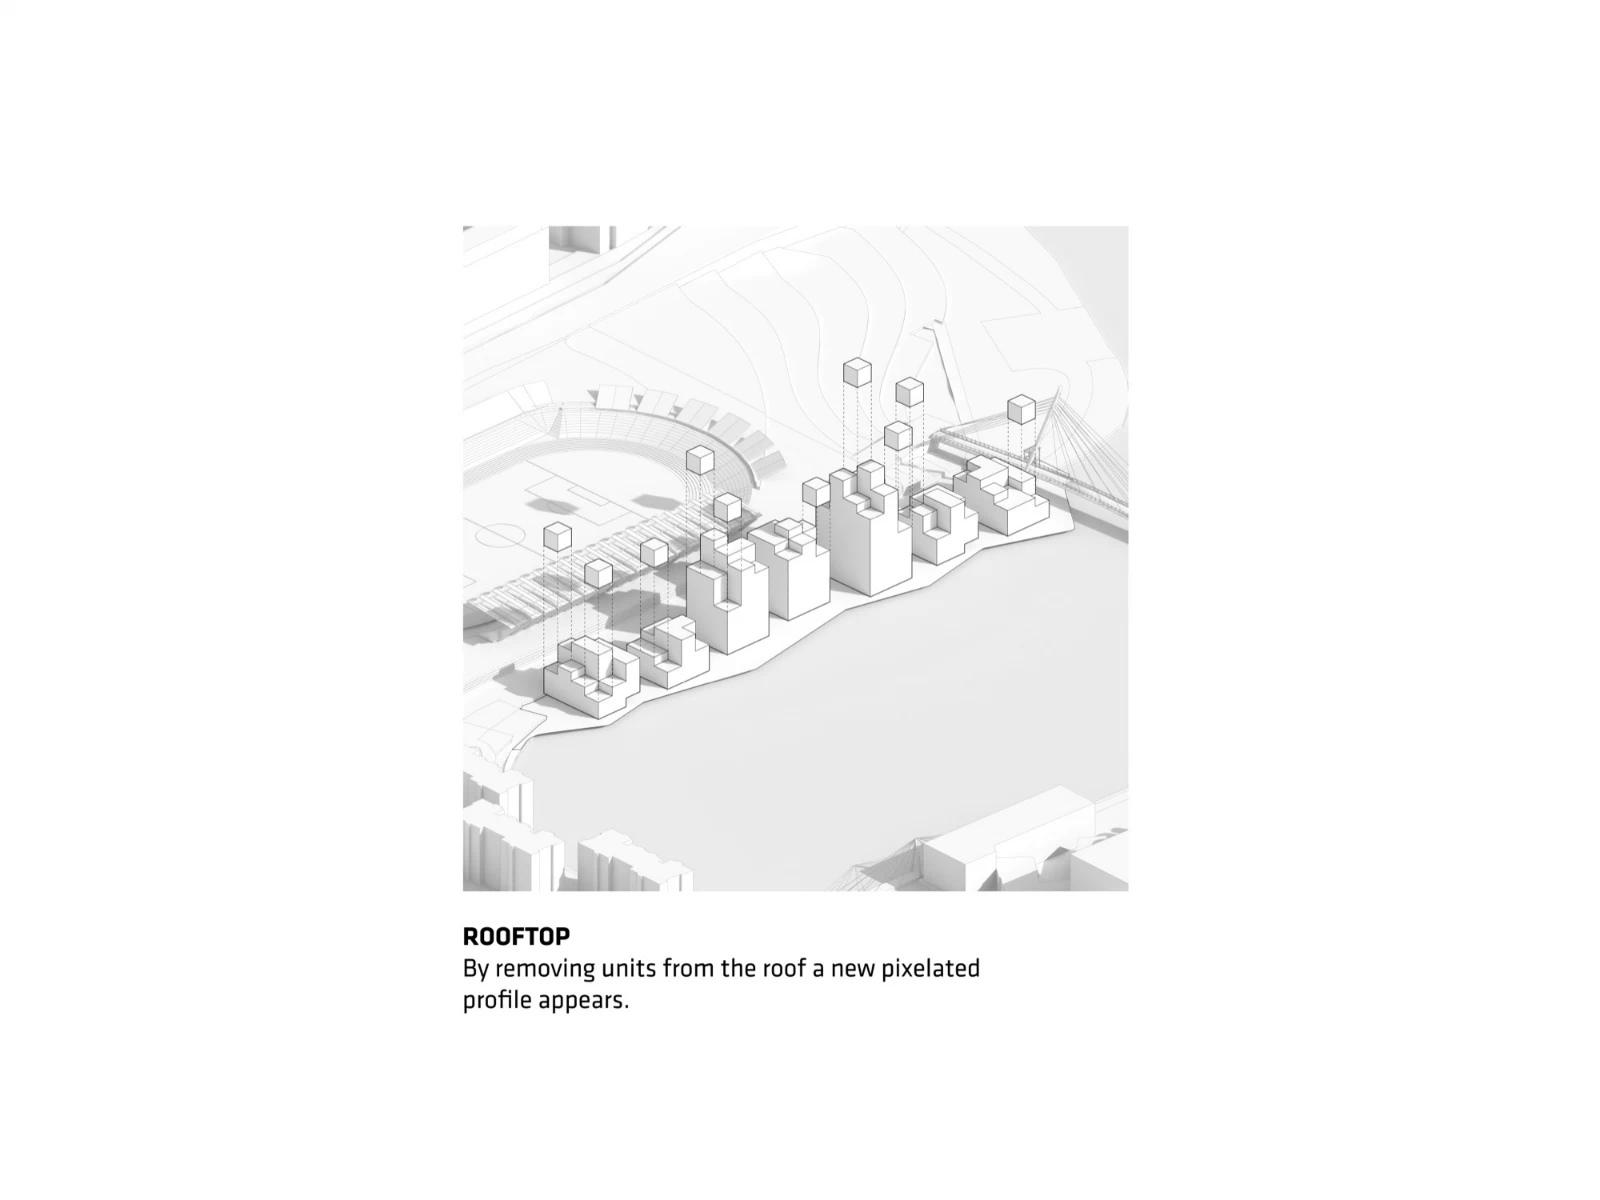 住宅设计—从概念到设计 (19)